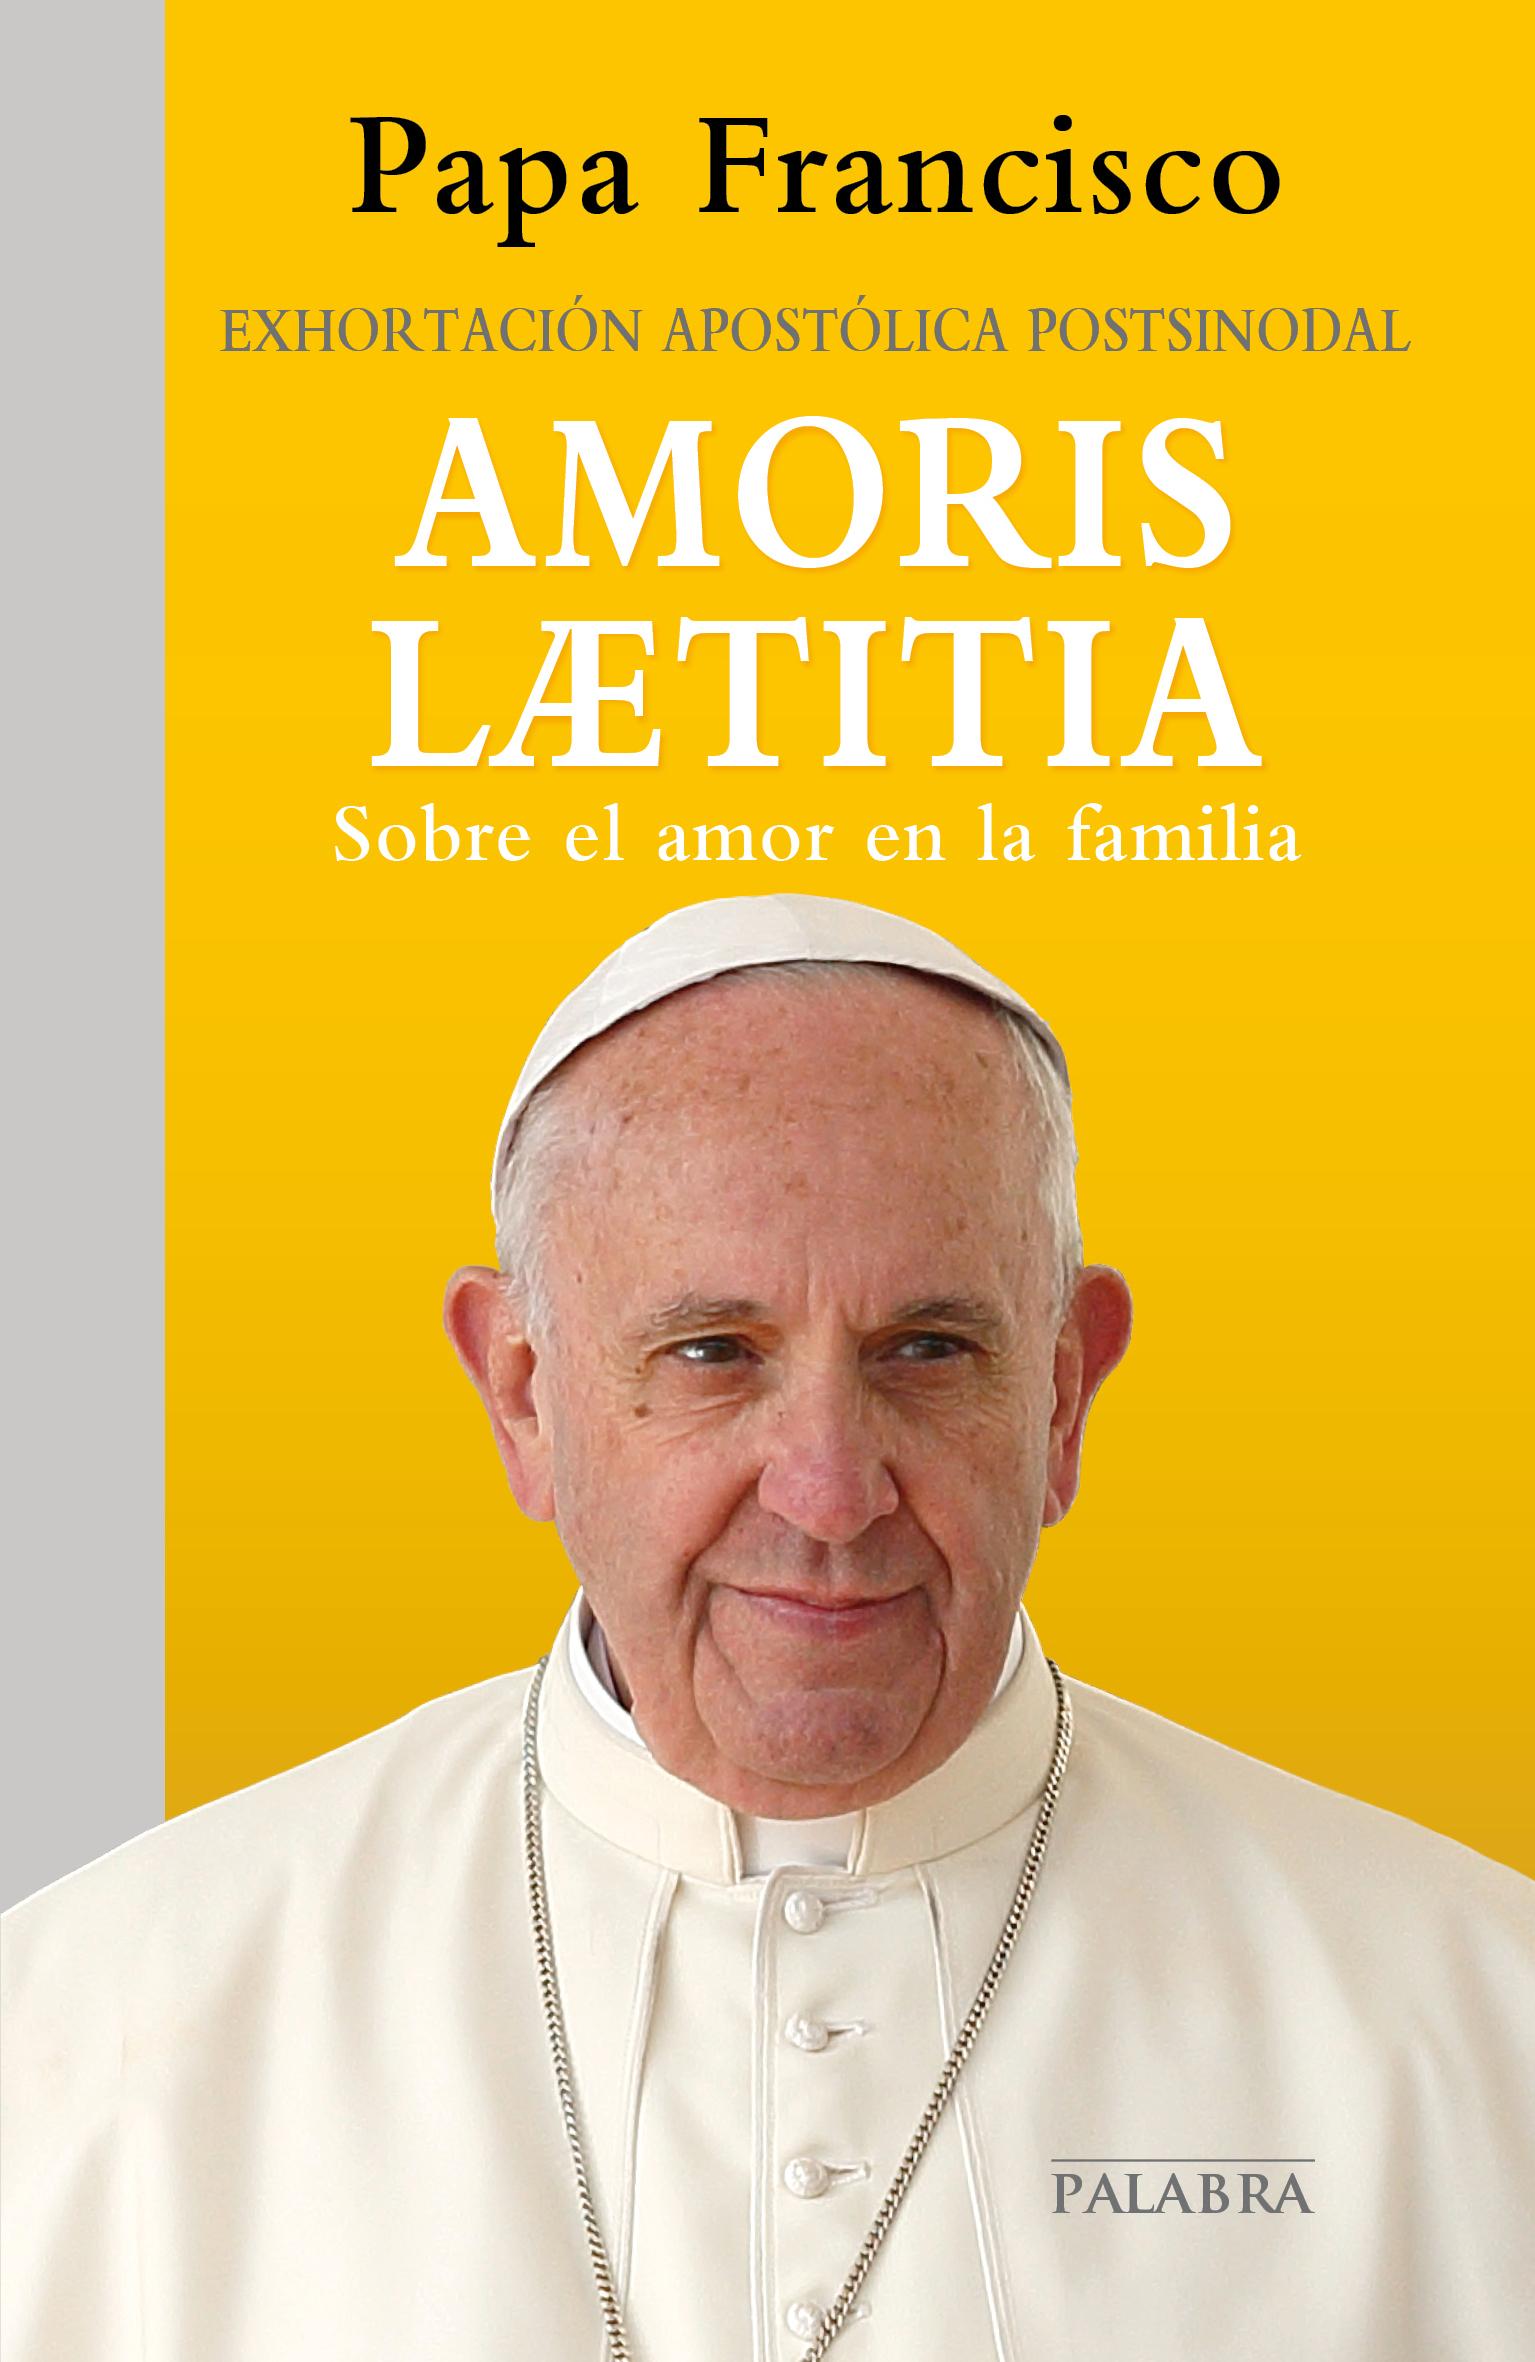 Matrimonio Catolico Resumen : Libro amoris laetitia de papa francisco